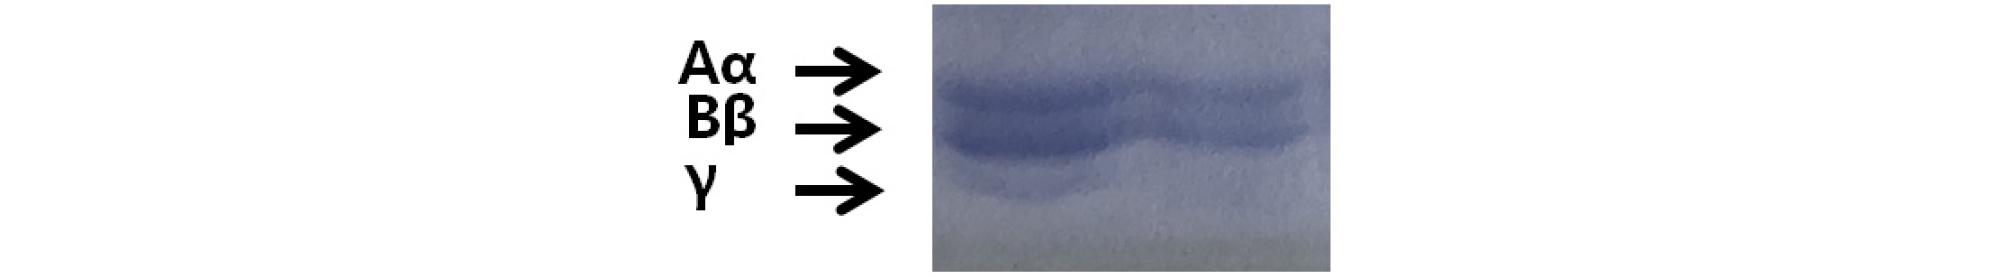 http://static.apub.kr/journalsite/sites/kjpr/2020-033-04/N0820330402/images/kjpr_33_04_02_F6.jpg